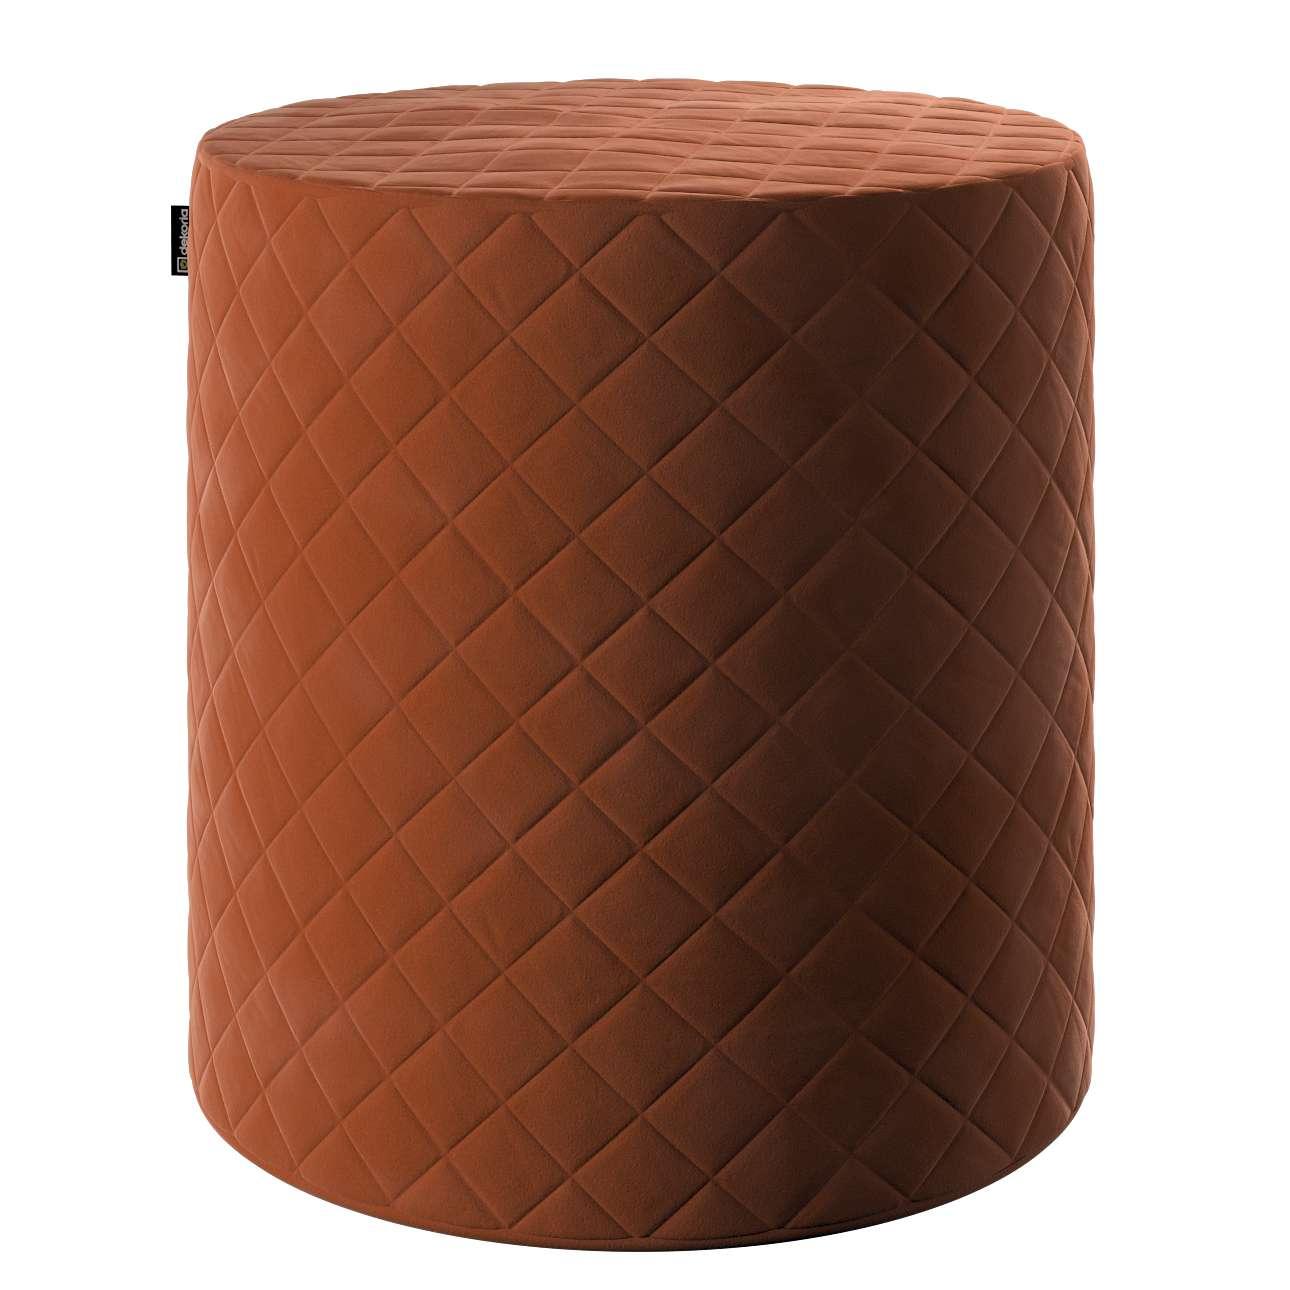 Pouf Barrel gesteppt von der Kollektion Velvet, Stoff: 704-33